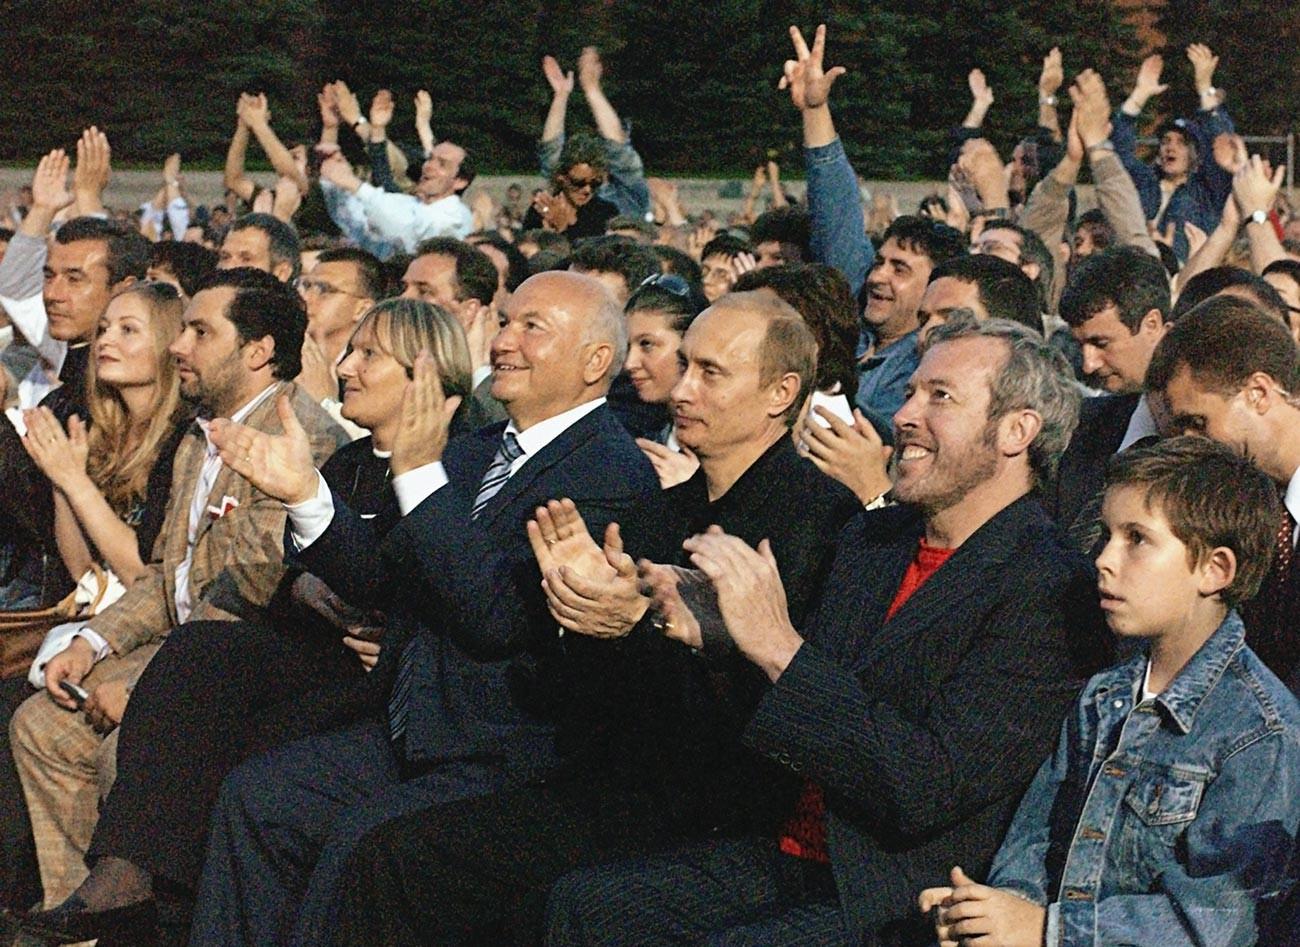 Da sinistra: Yurij Luzhkov (all'epoca sindaco di Mosca), Vladimir Putin e il famoso musicista rock russo Andrej Makarevich al concerto di McCartney in Piazza Rossa